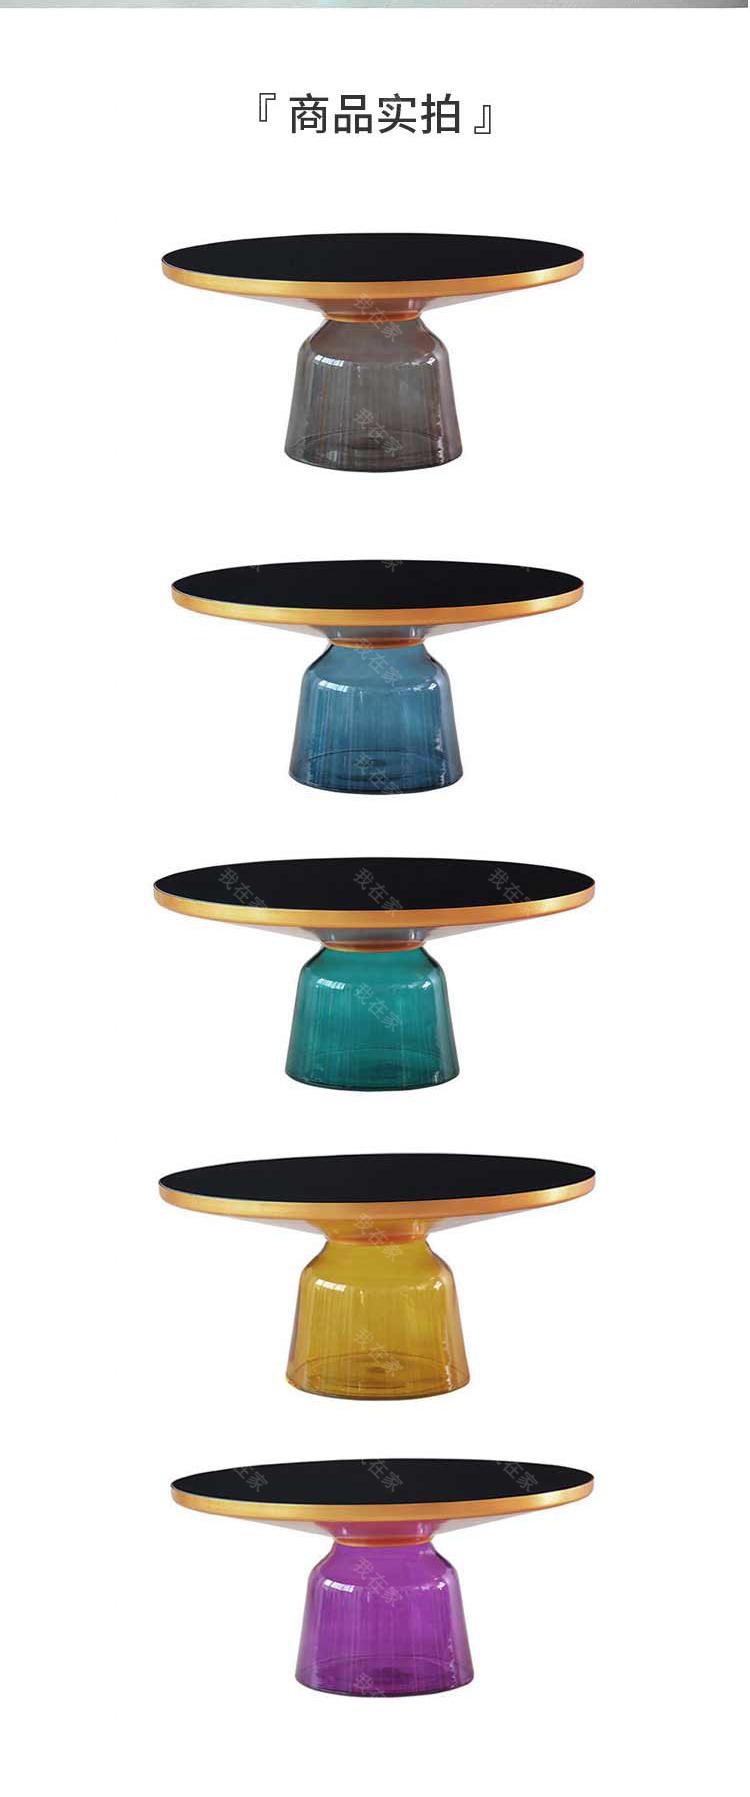 色彩北欧风格叮当琉璃矮款茶几的家具详细介绍